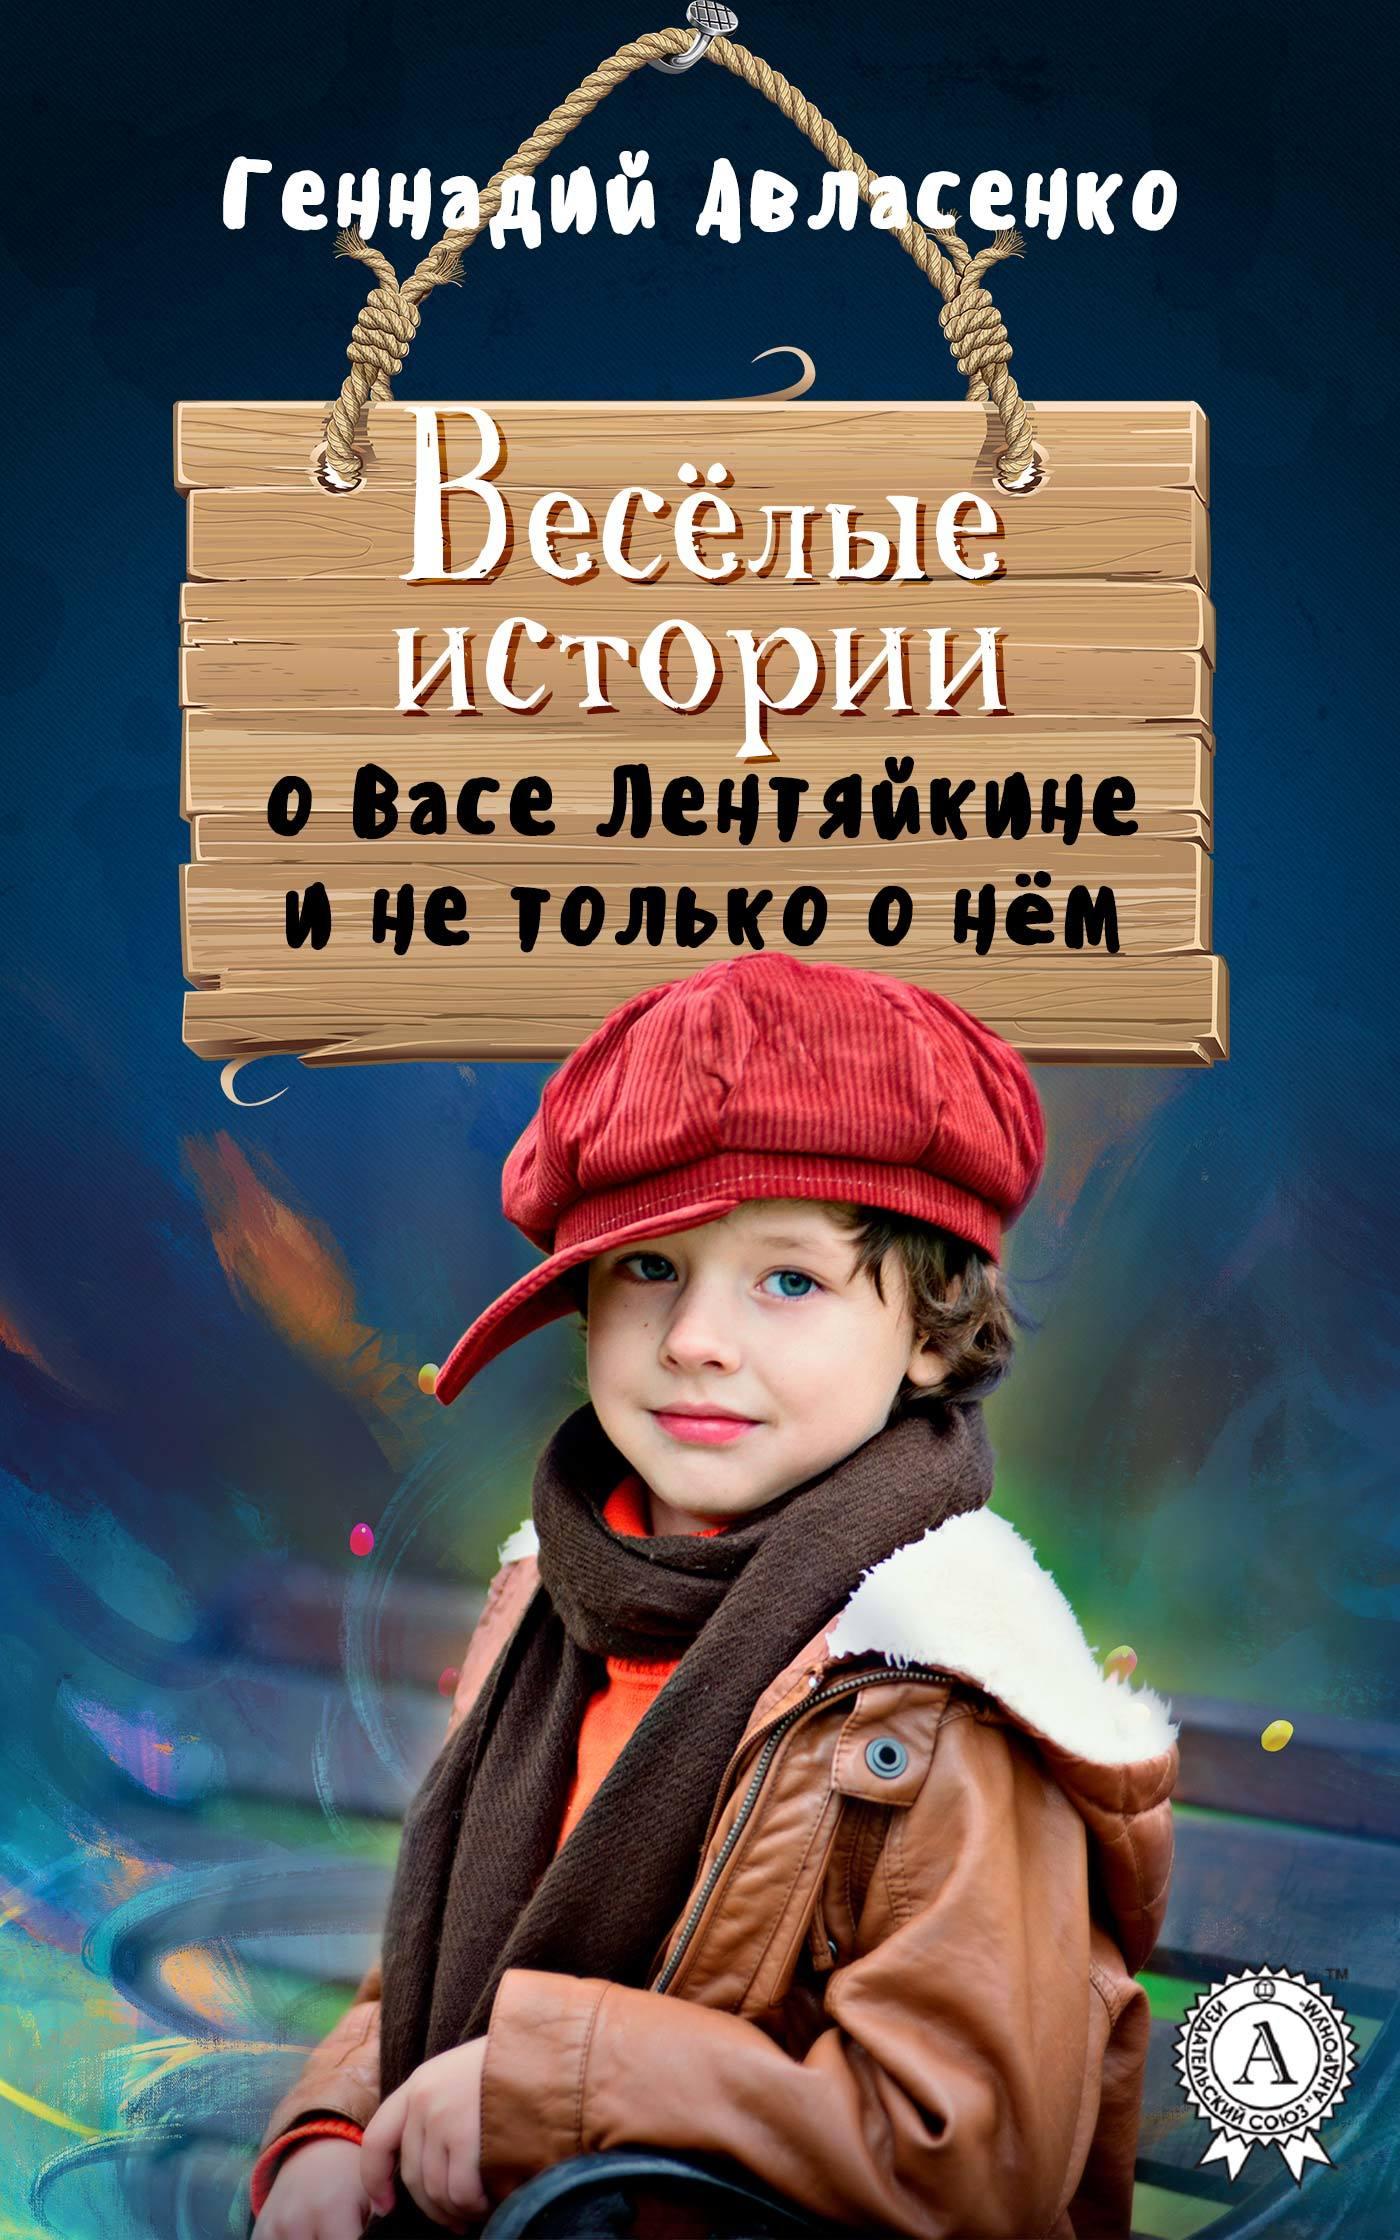 Геннадий Авласенко - Весёлые истории о Васе Лентяйкине и не только о нём